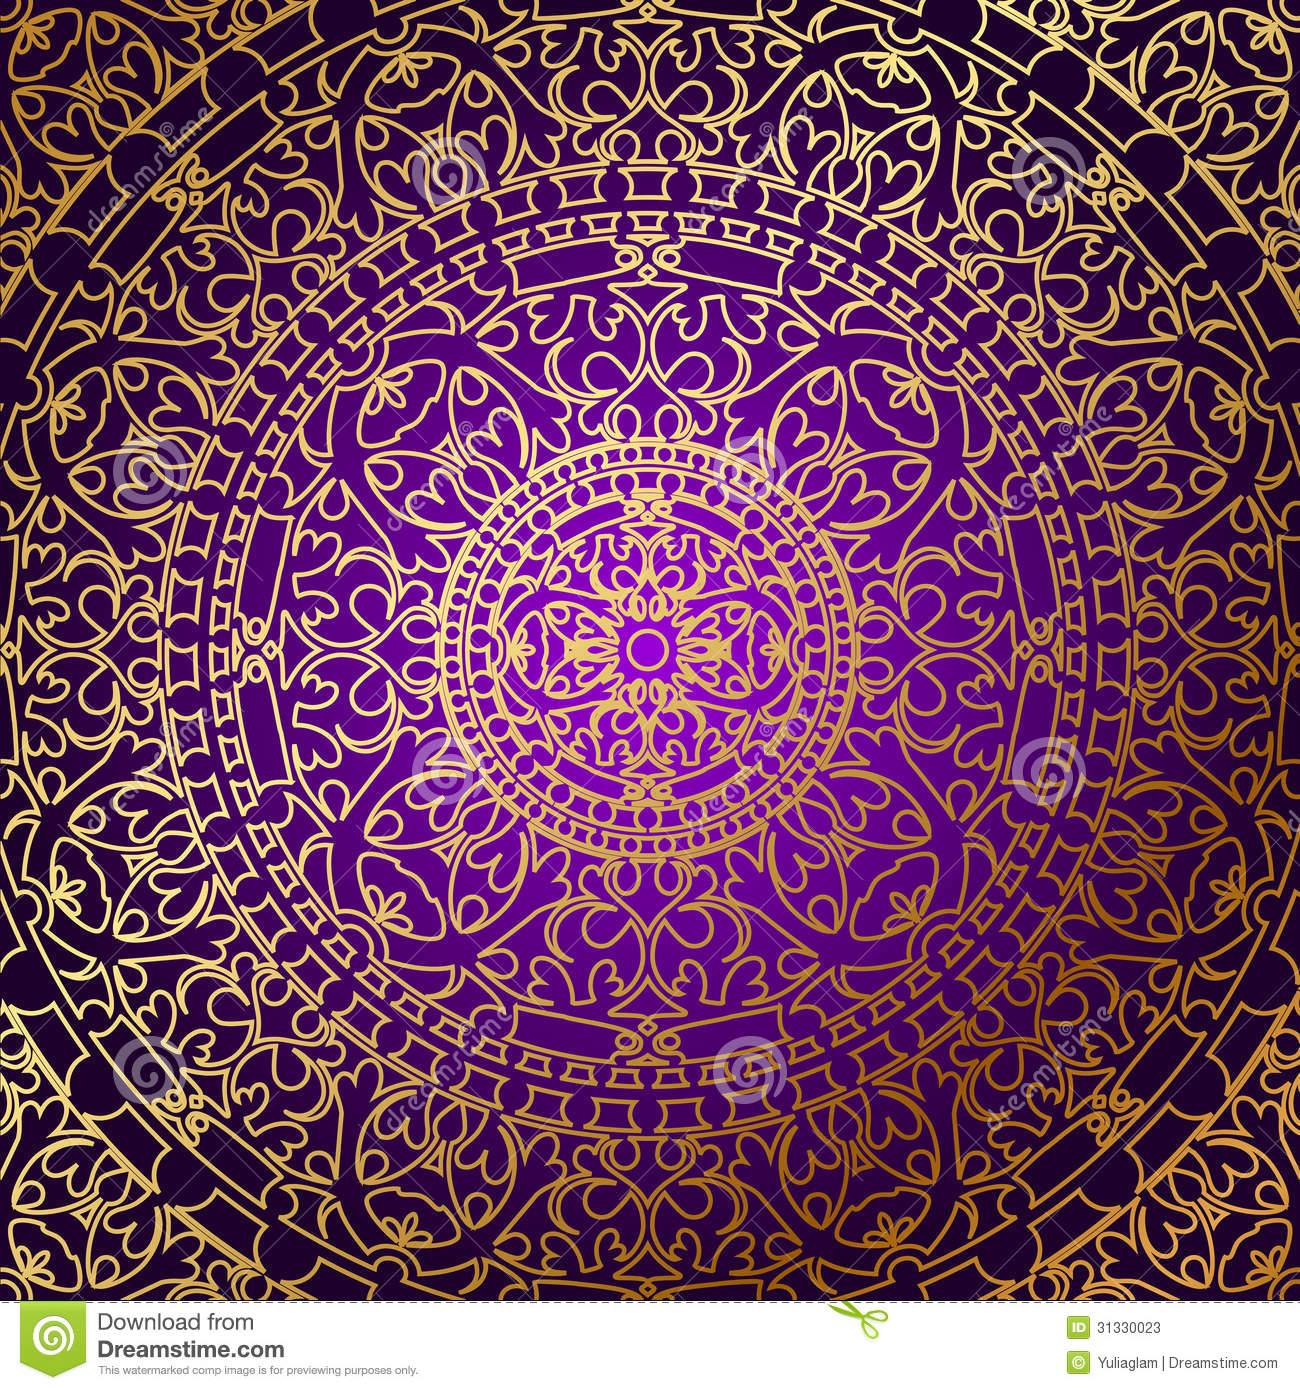 Purple and Gold Wallpaper - WallpaperSafari